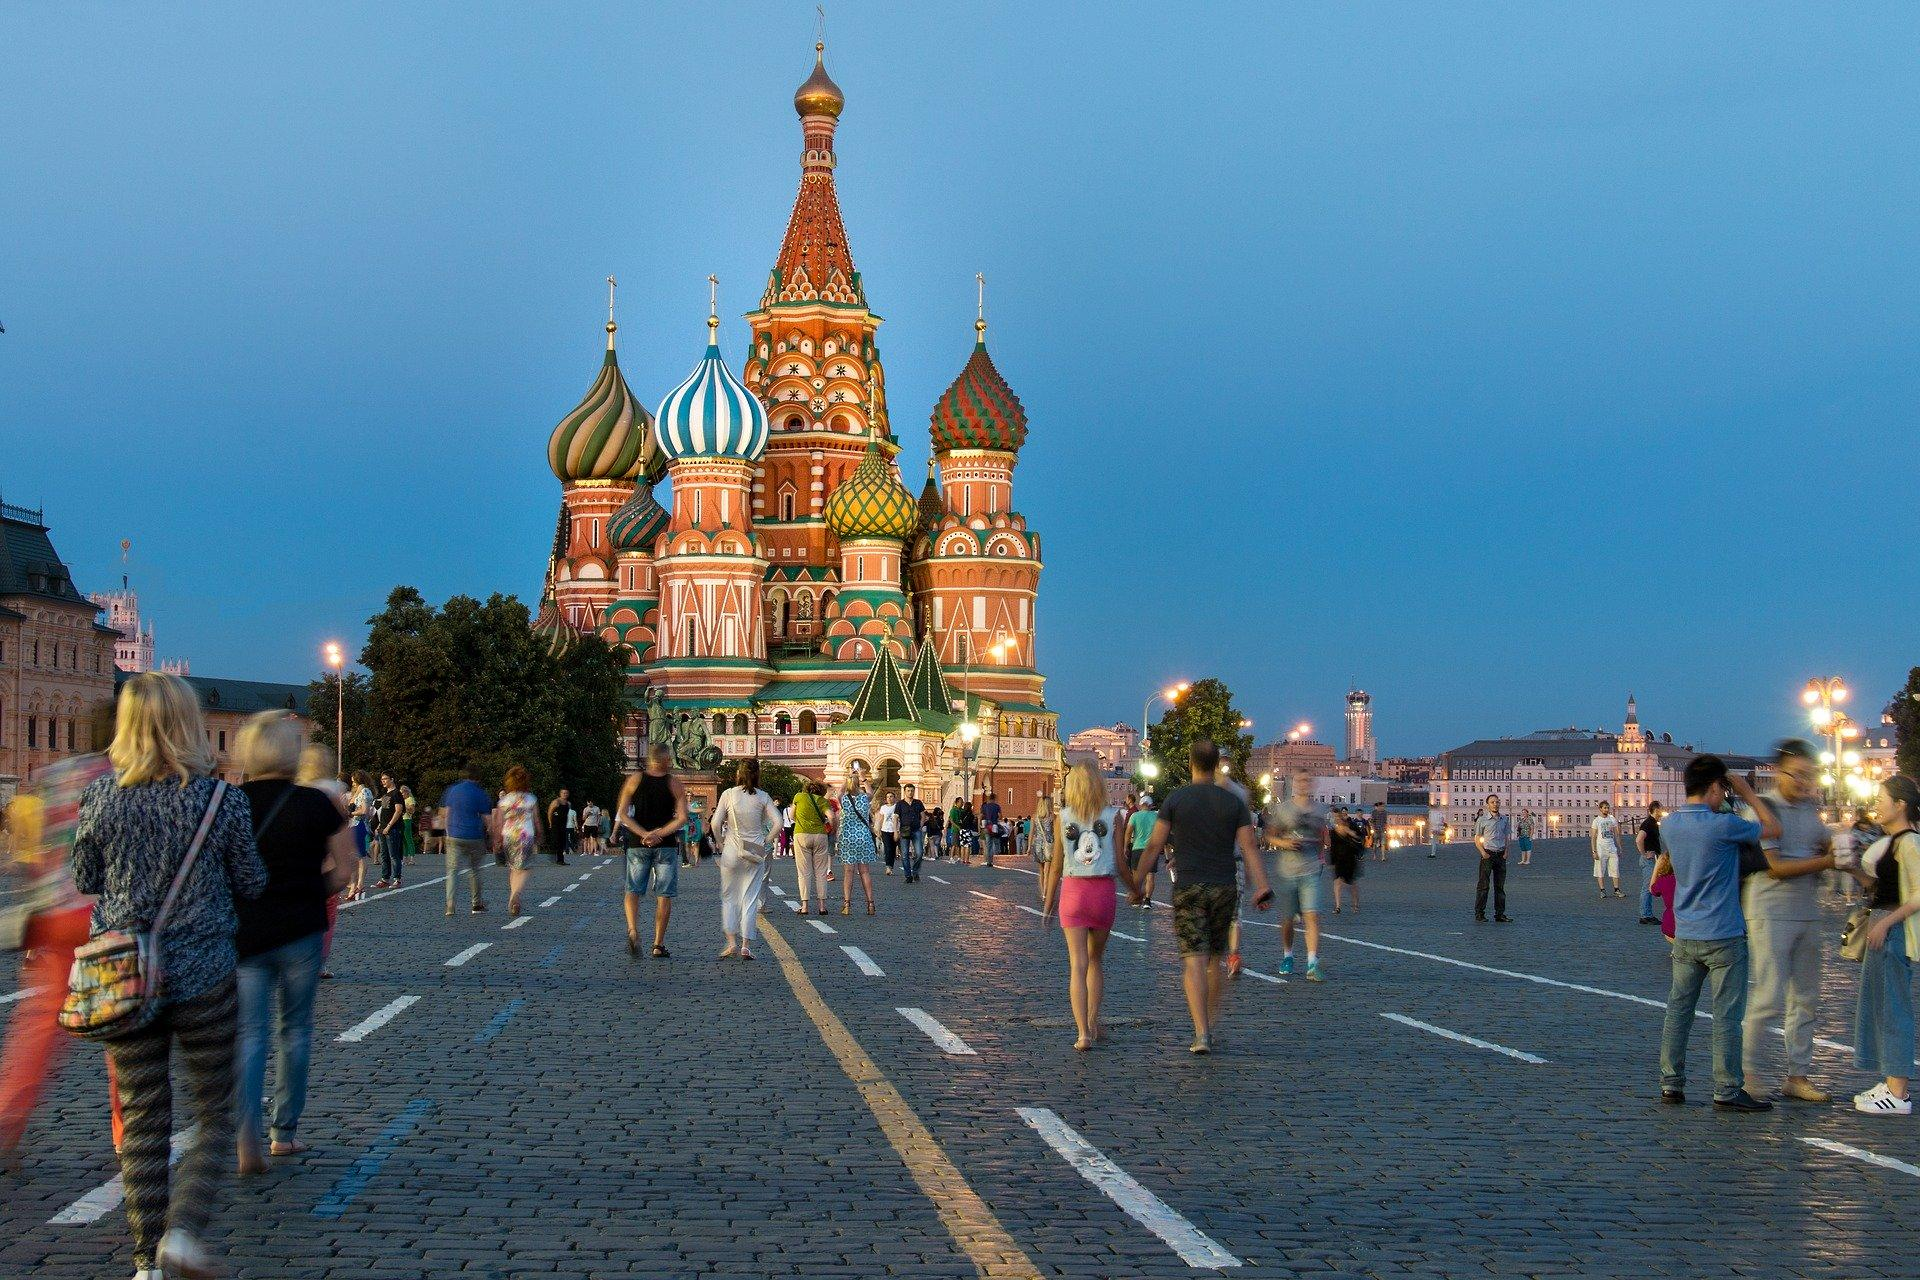 """Маски на улице необязательны. В Москве начался новый этап снятия """"антикоронавирусных"""" мер"""